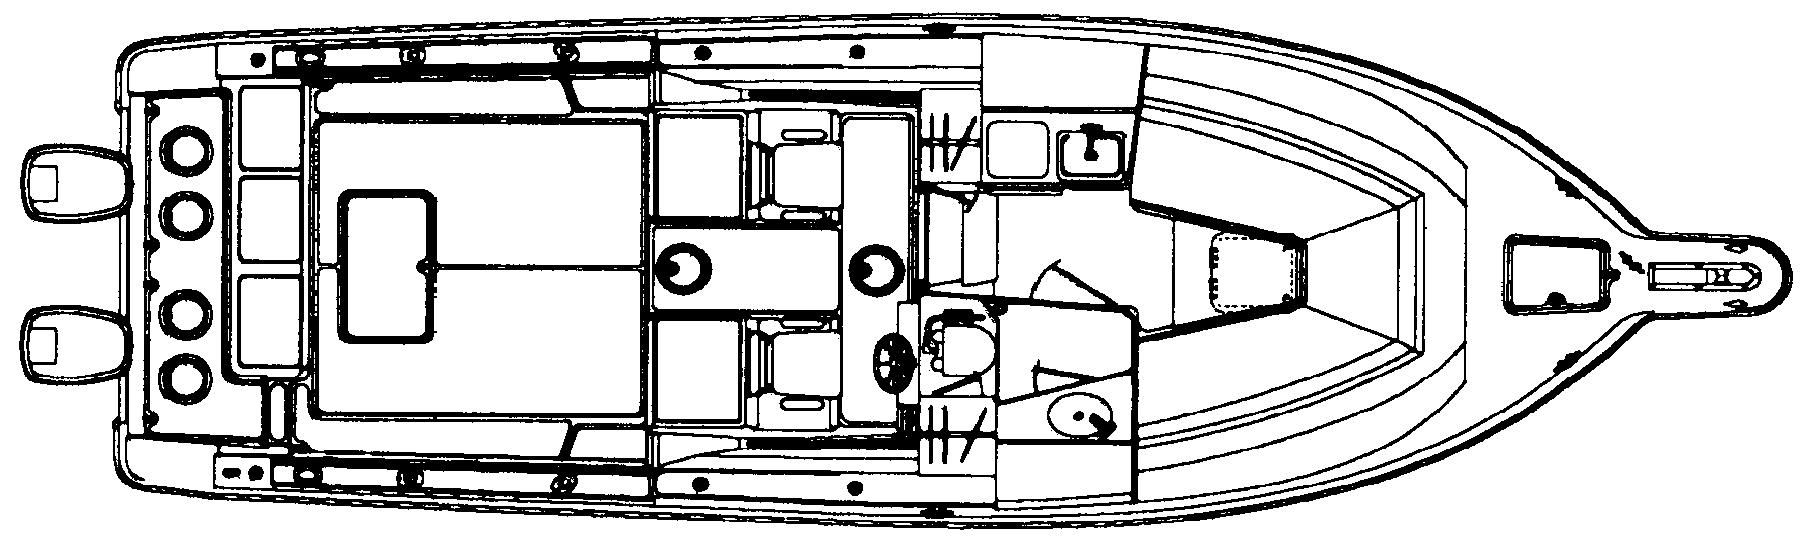 2855 Express Fisherman Floor Plan 1